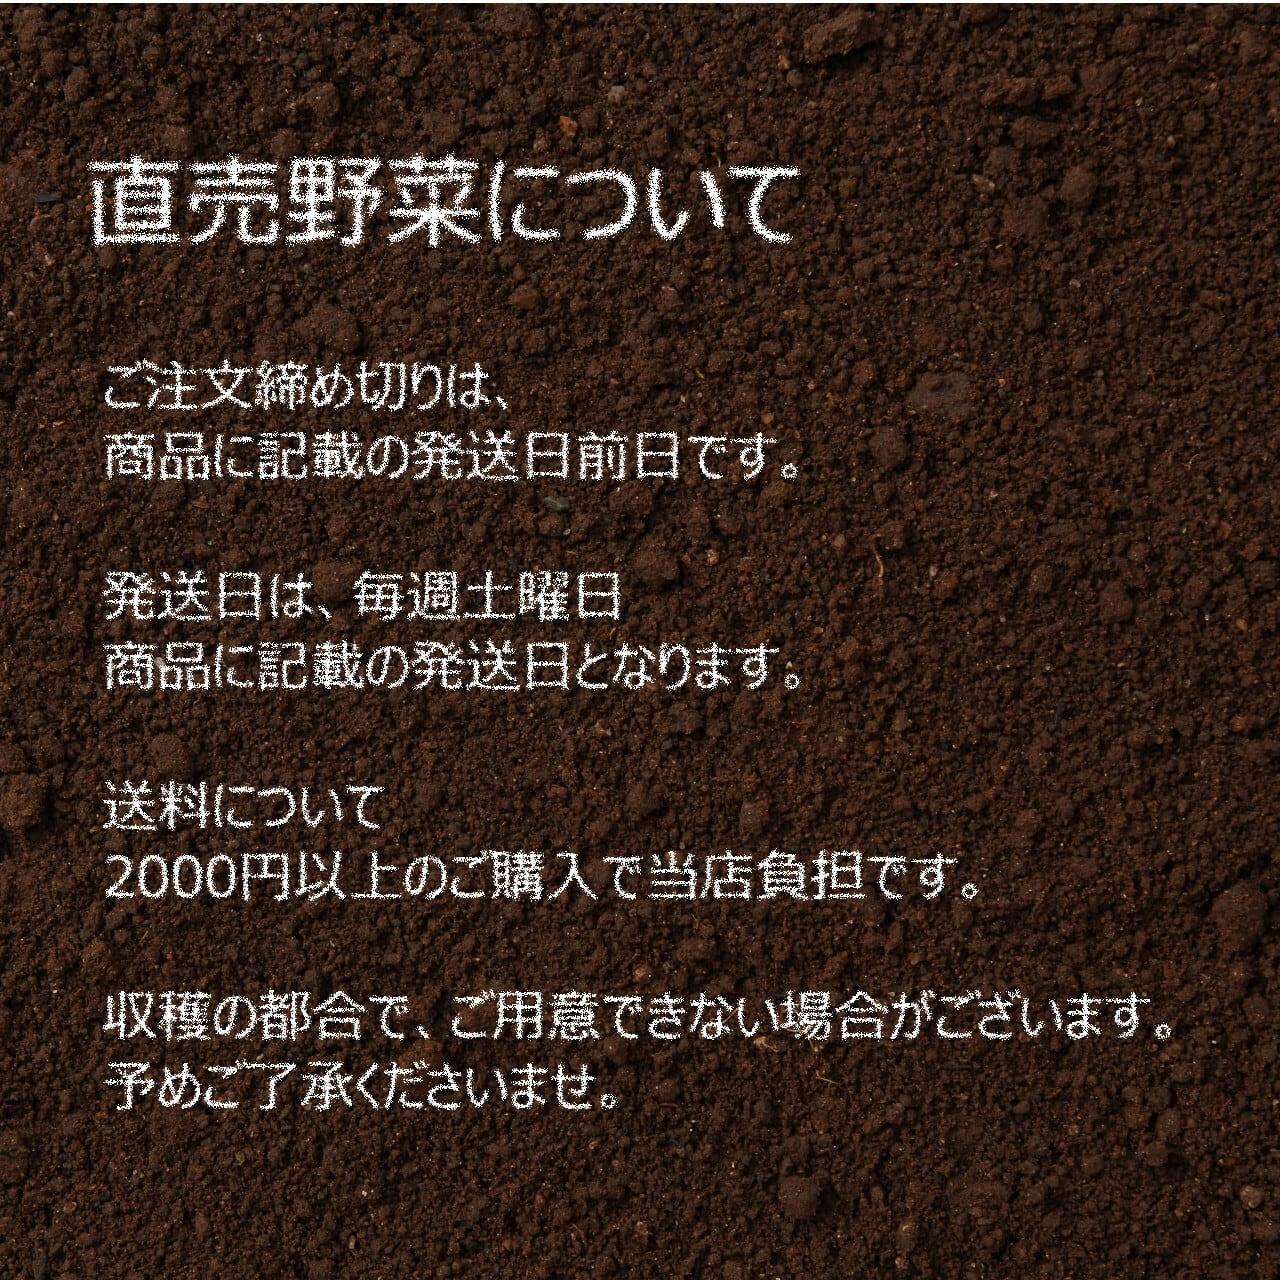 10月の朝採り直売野菜 : かぼちゃ 1個 新鮮な秋野菜 10月24日発送予定